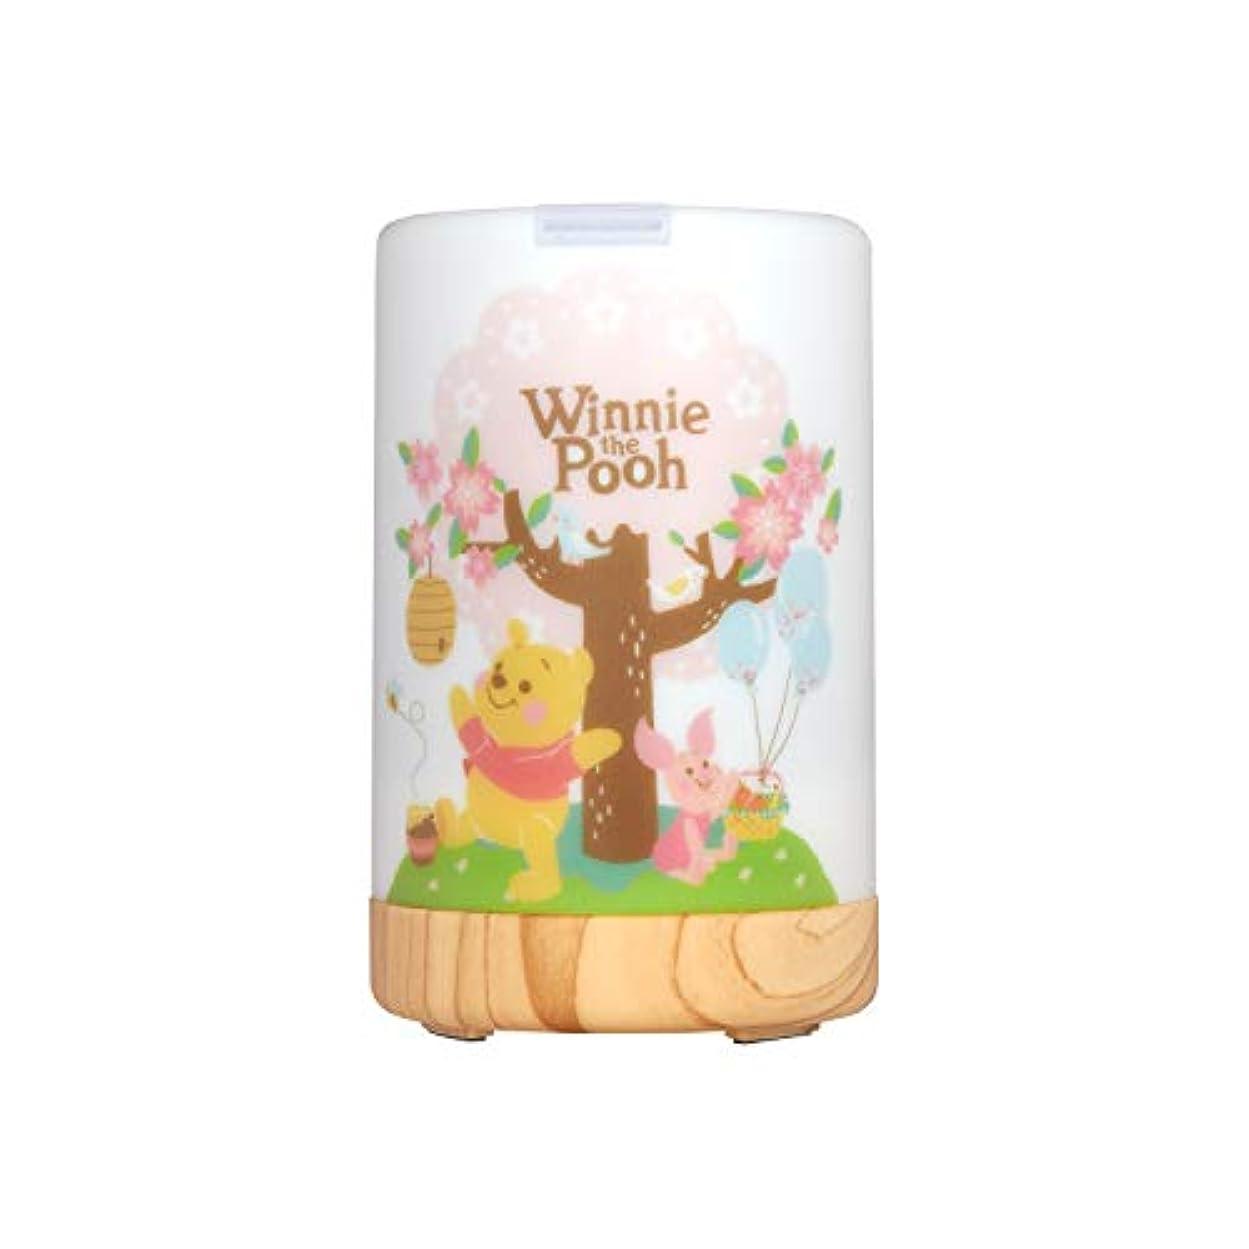 落花生マニフェストボートInfoThink アロマディフューザー Disney Winnie the Pooh 間接照明 くまのプーさん [並行輸入品]